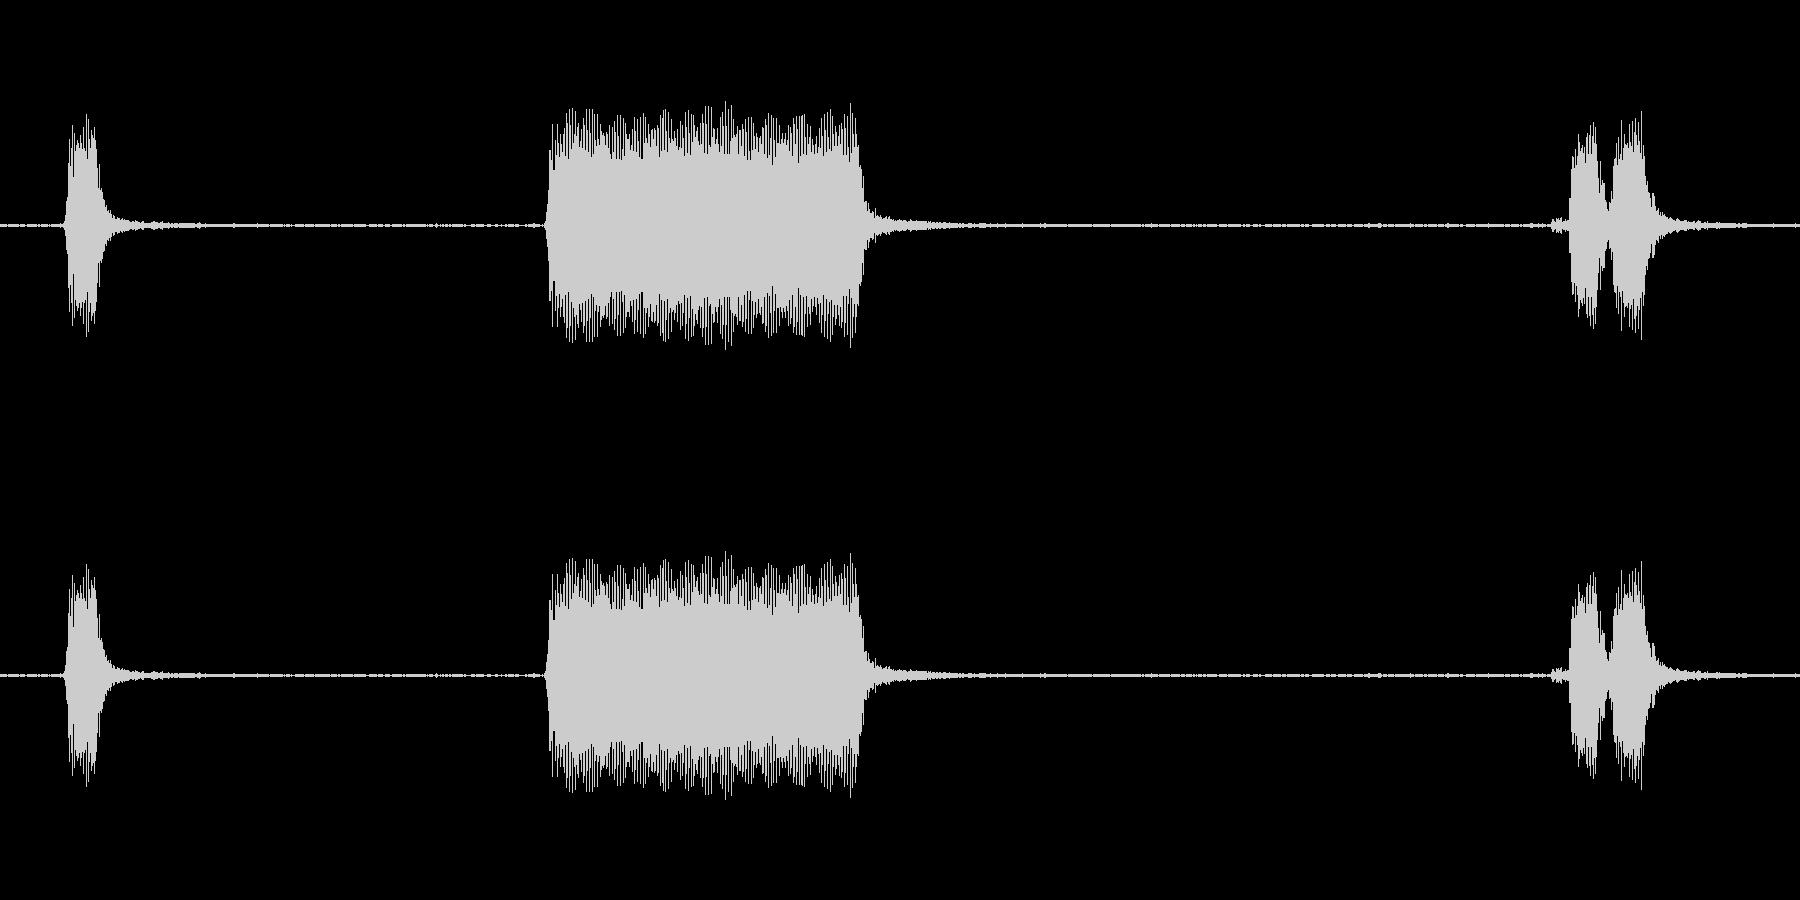 トラックシェブホーンホーン外観の未再生の波形